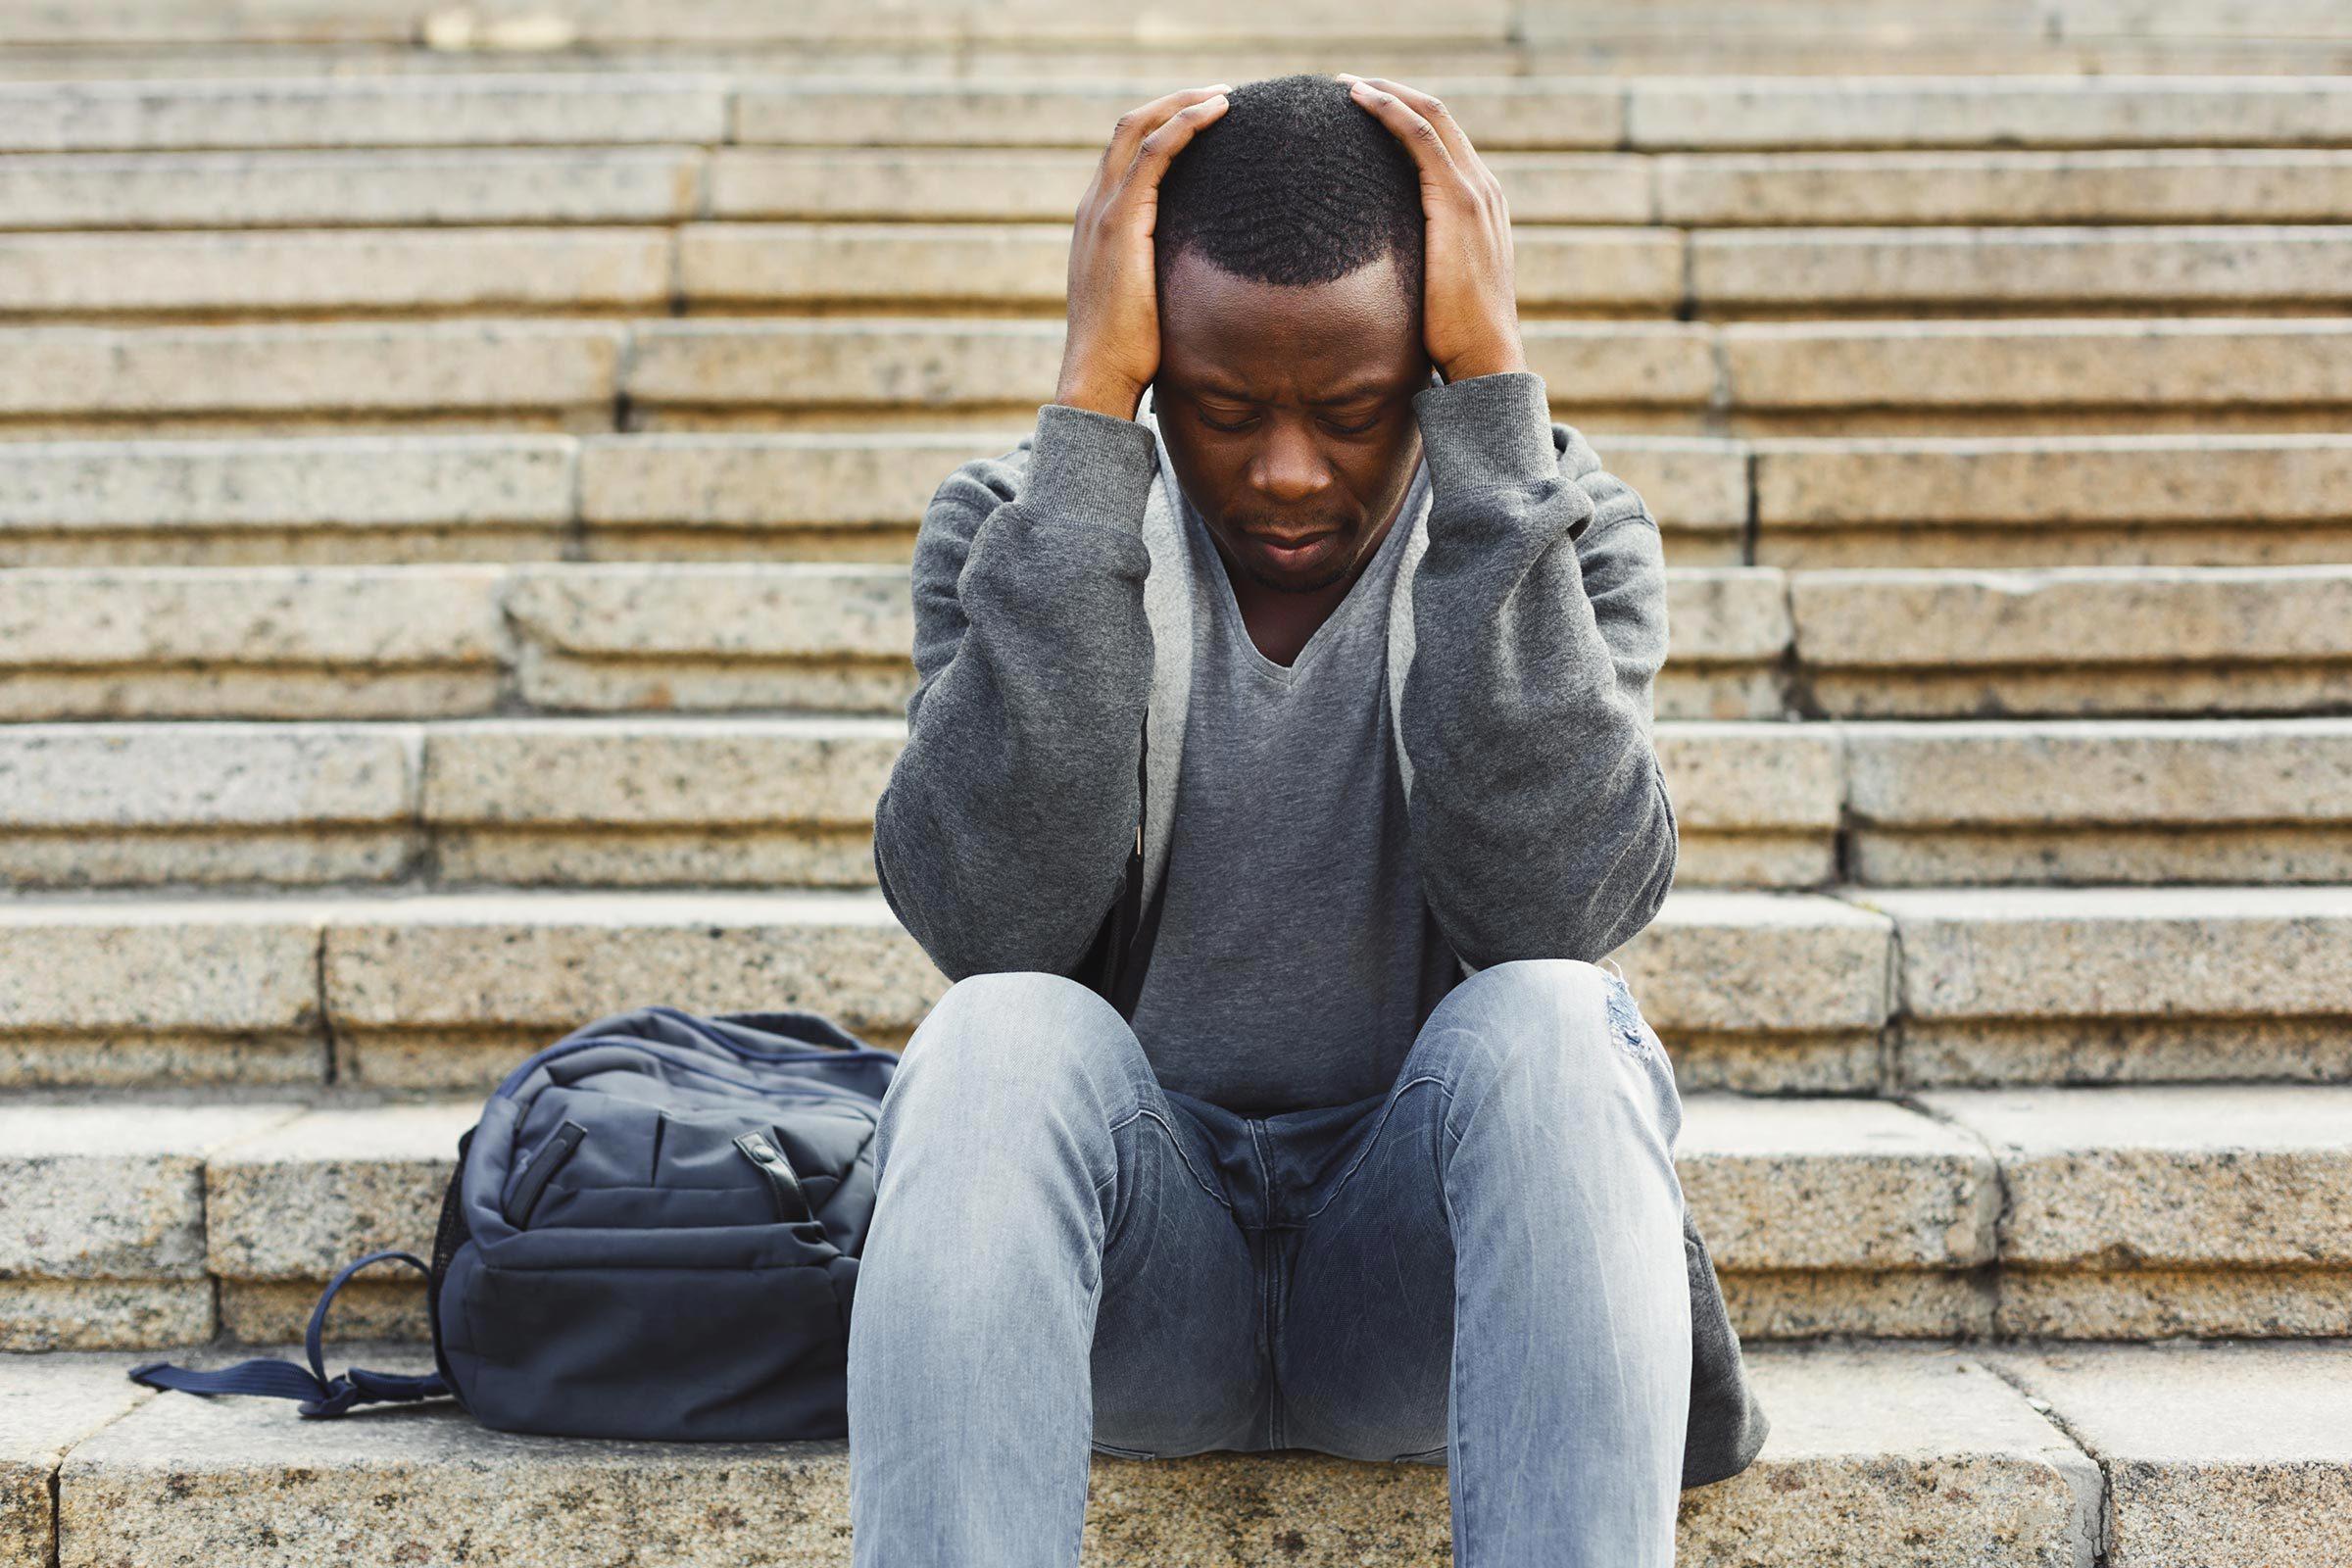 La crise cardiaque et la crise d'anxiété ont des similarités.